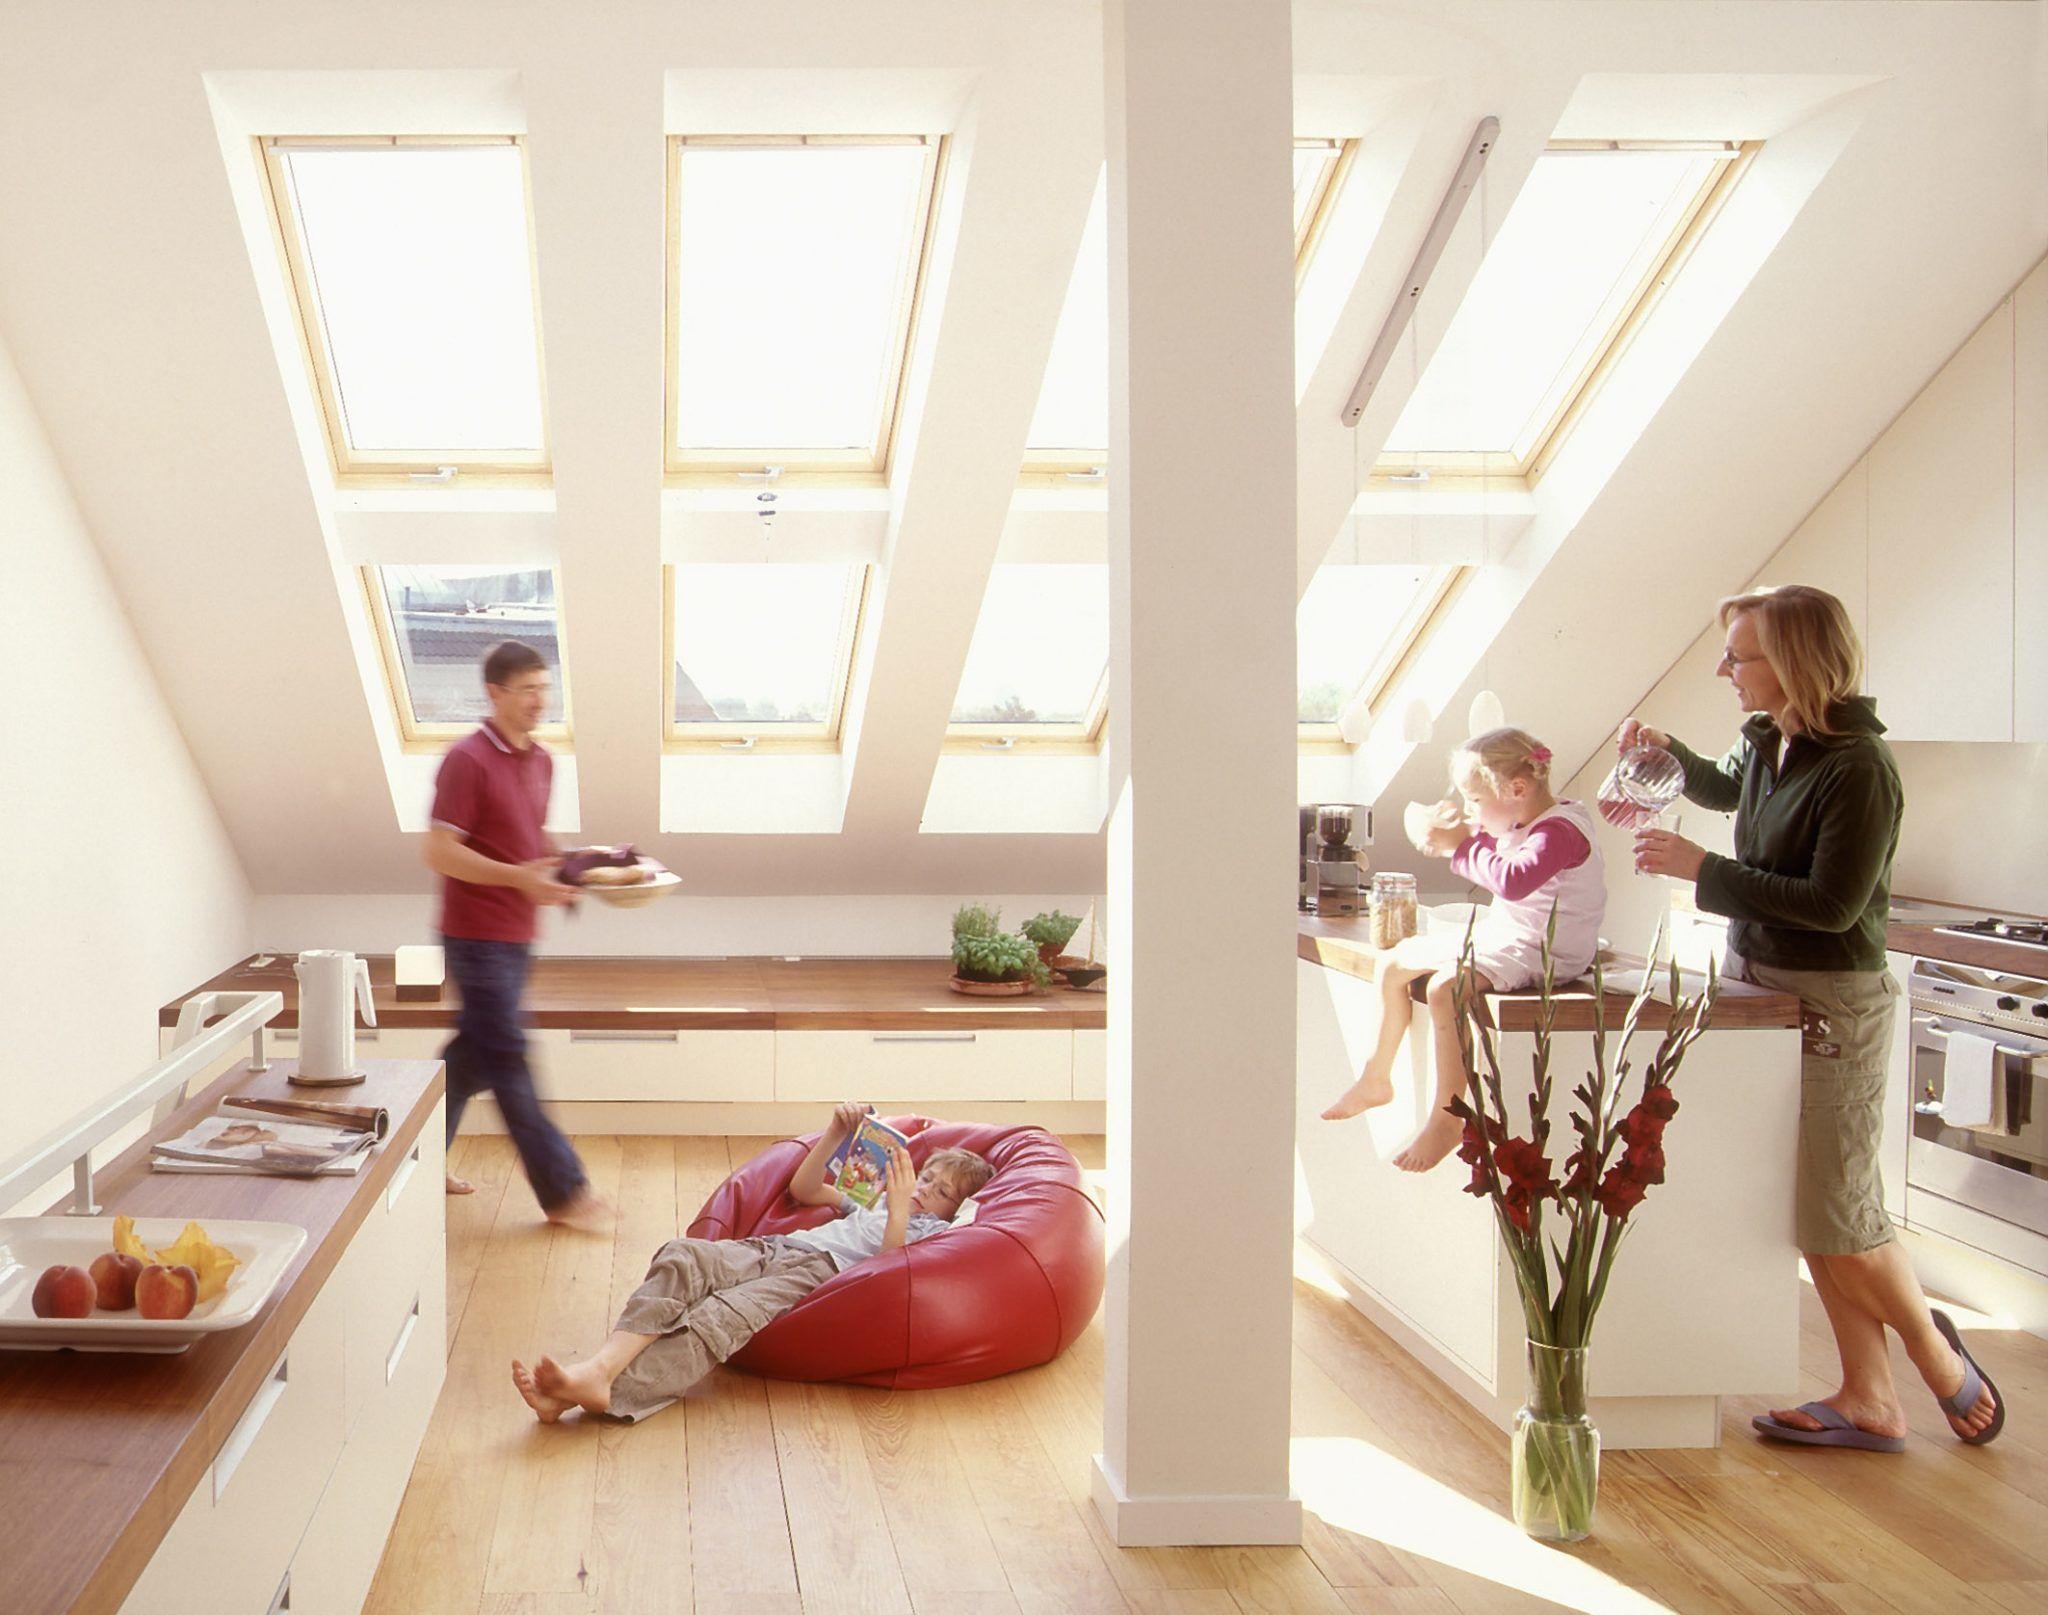 Innenansicht Dachschräge mit großem Fenster